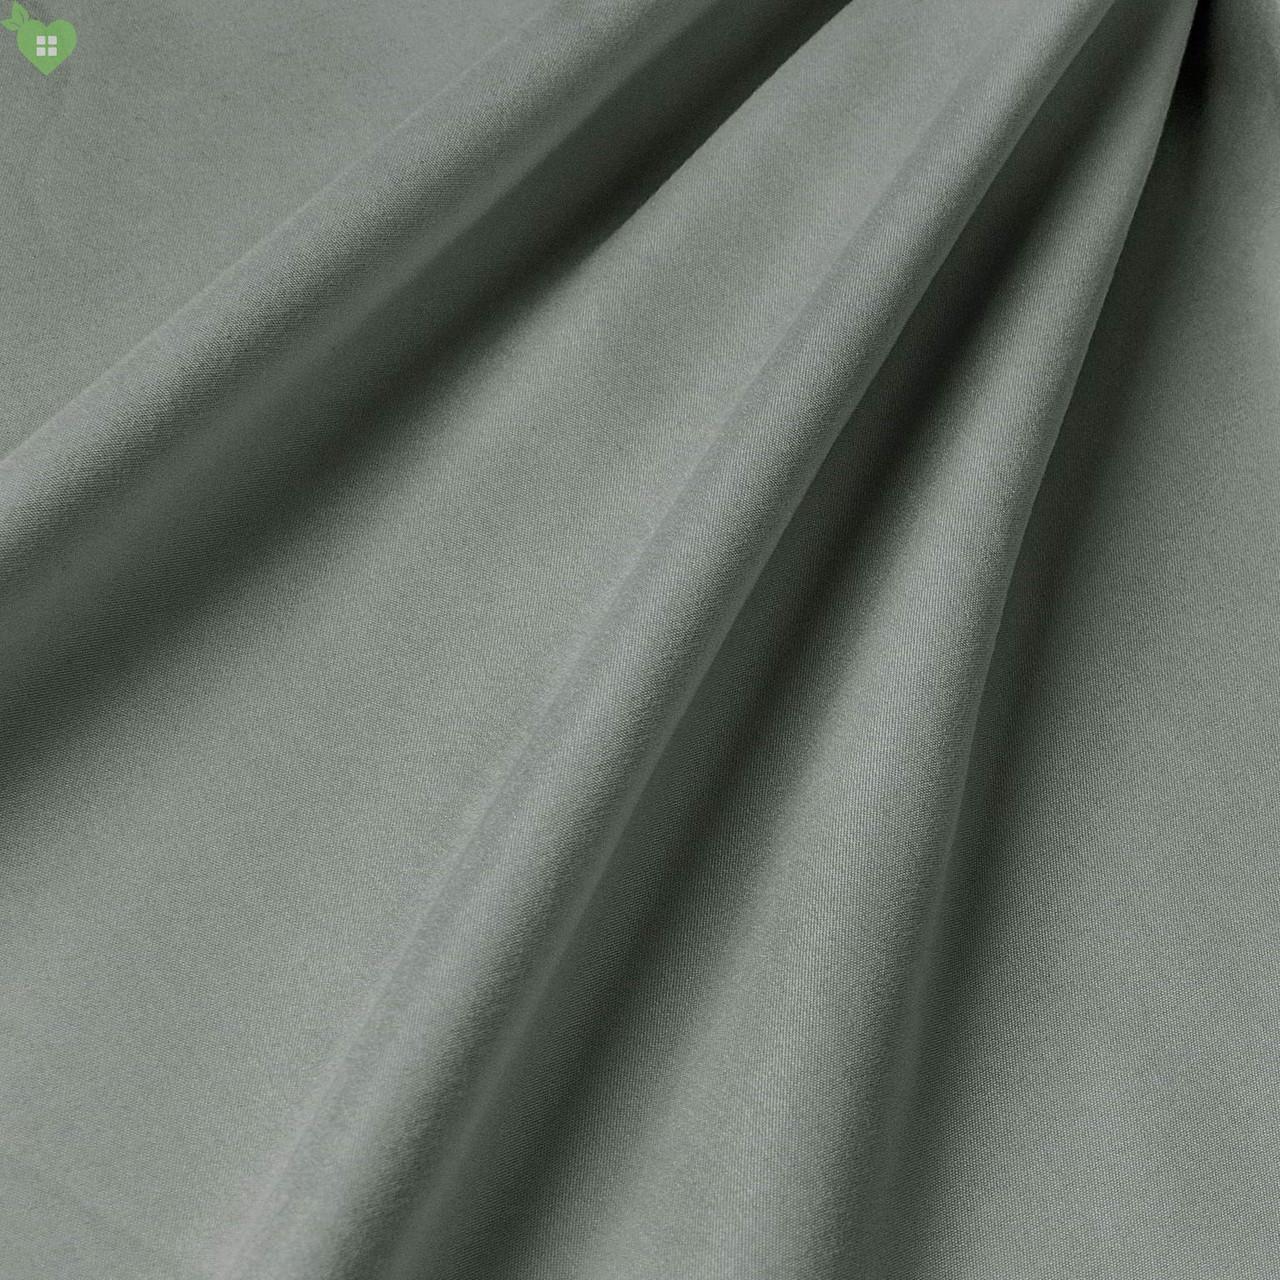 Підкладкова тканина матова фактура сіра Іспанія 83323v26